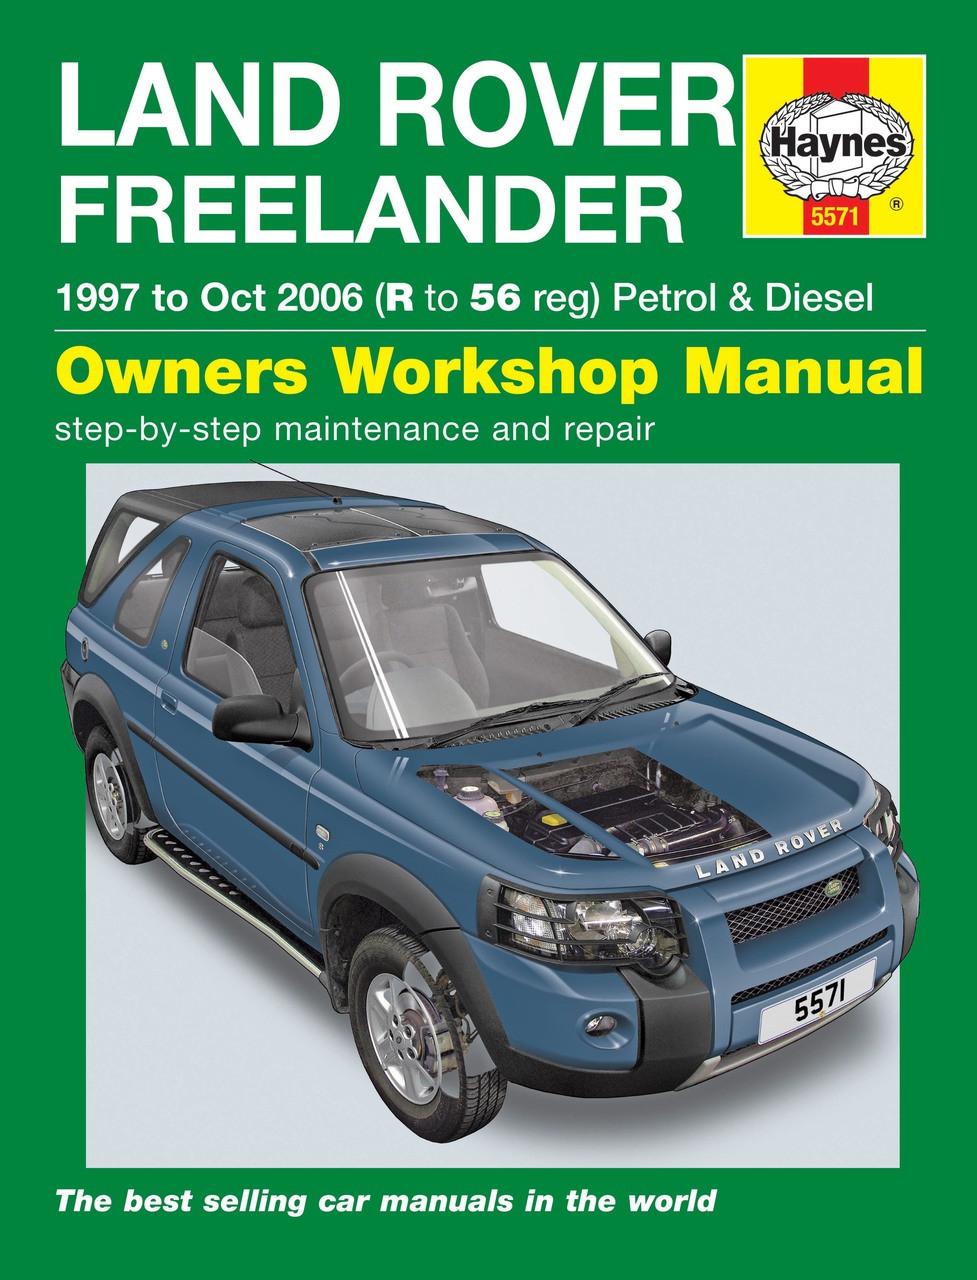 Haynes Workshop Manual Rover 75 MG ZT 1999-2006 New Petrol Diesel Service